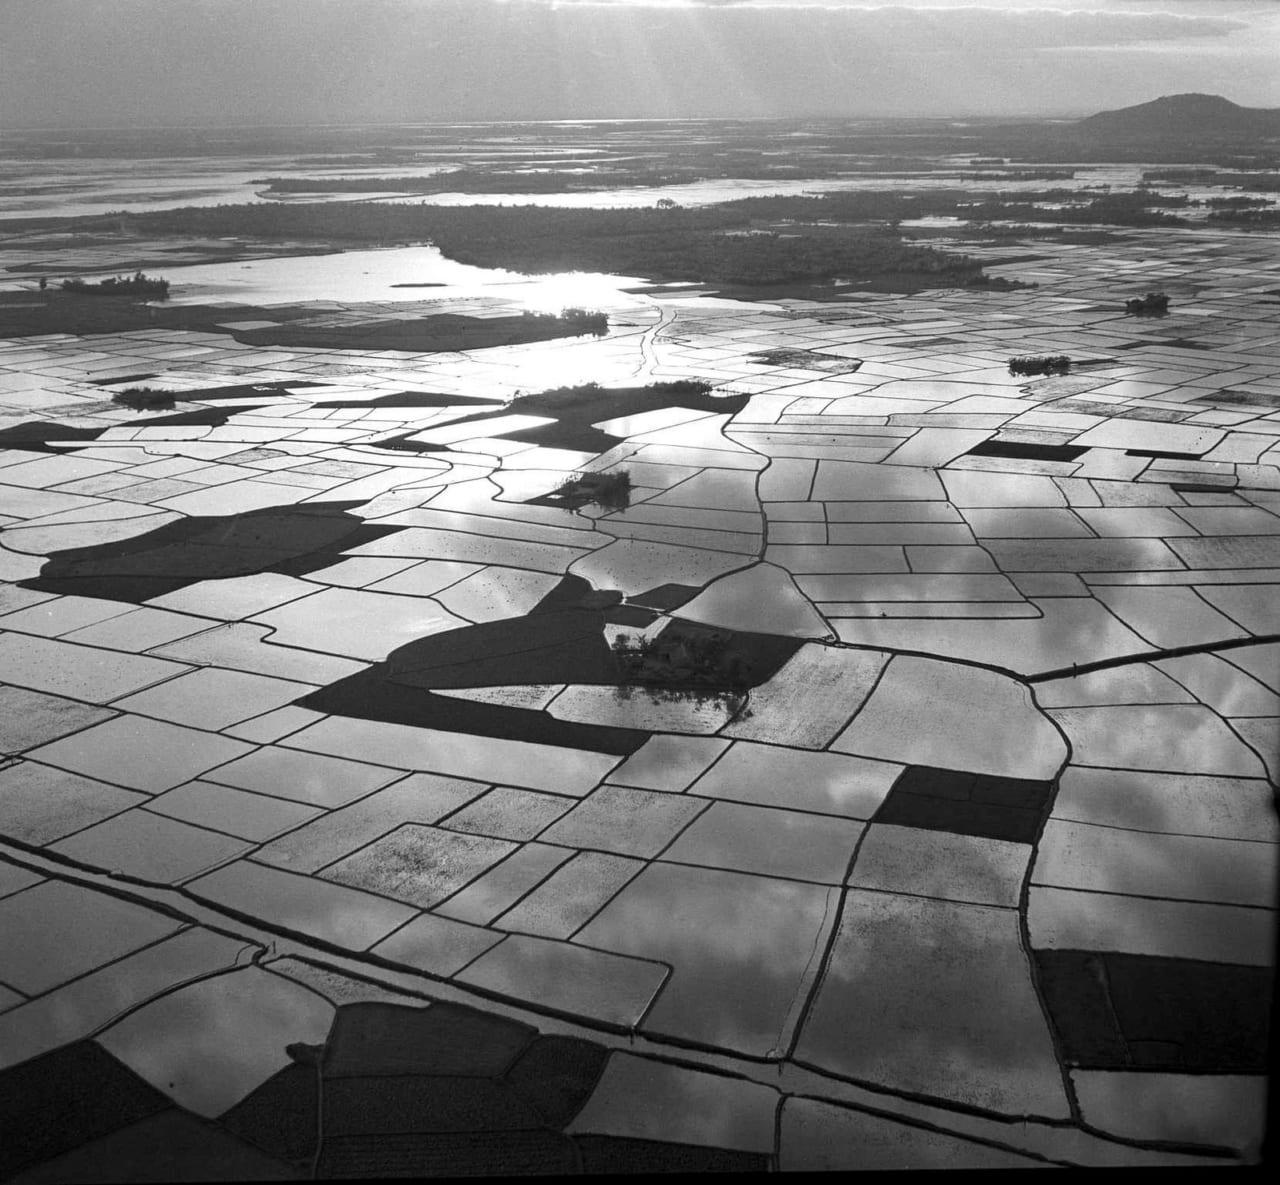 Ruộng lúa ở Mũi Cà Mau xưa trước năm 1975